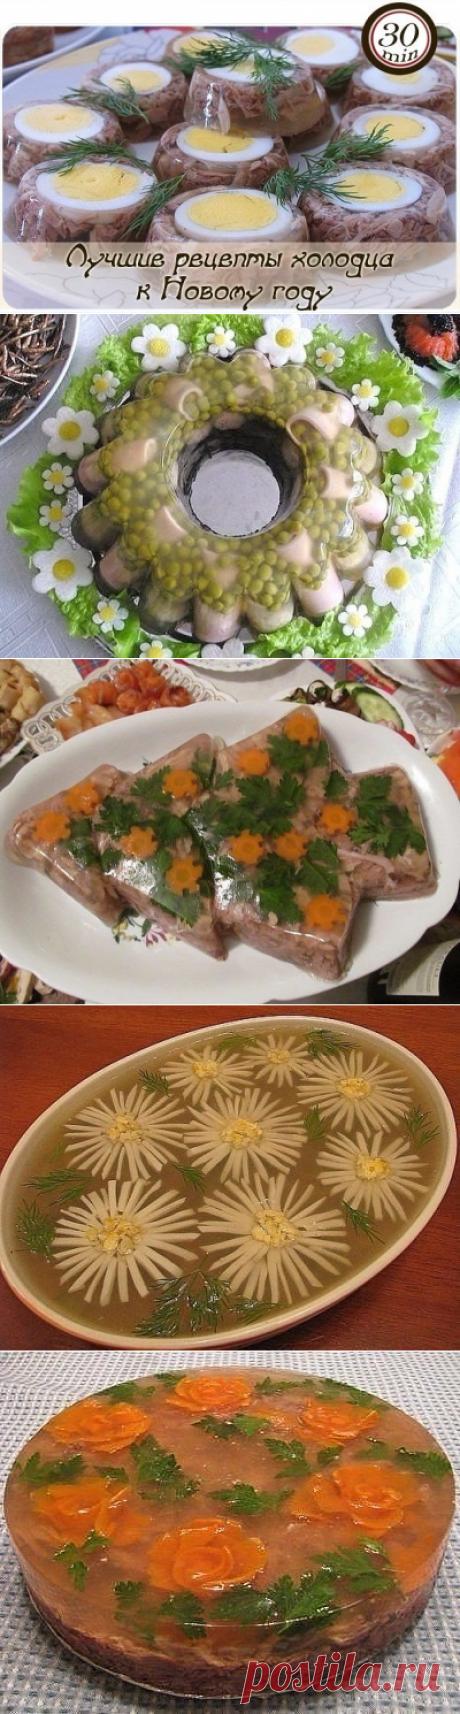 Лучшие рецепты холодца к Новогоднему столу!